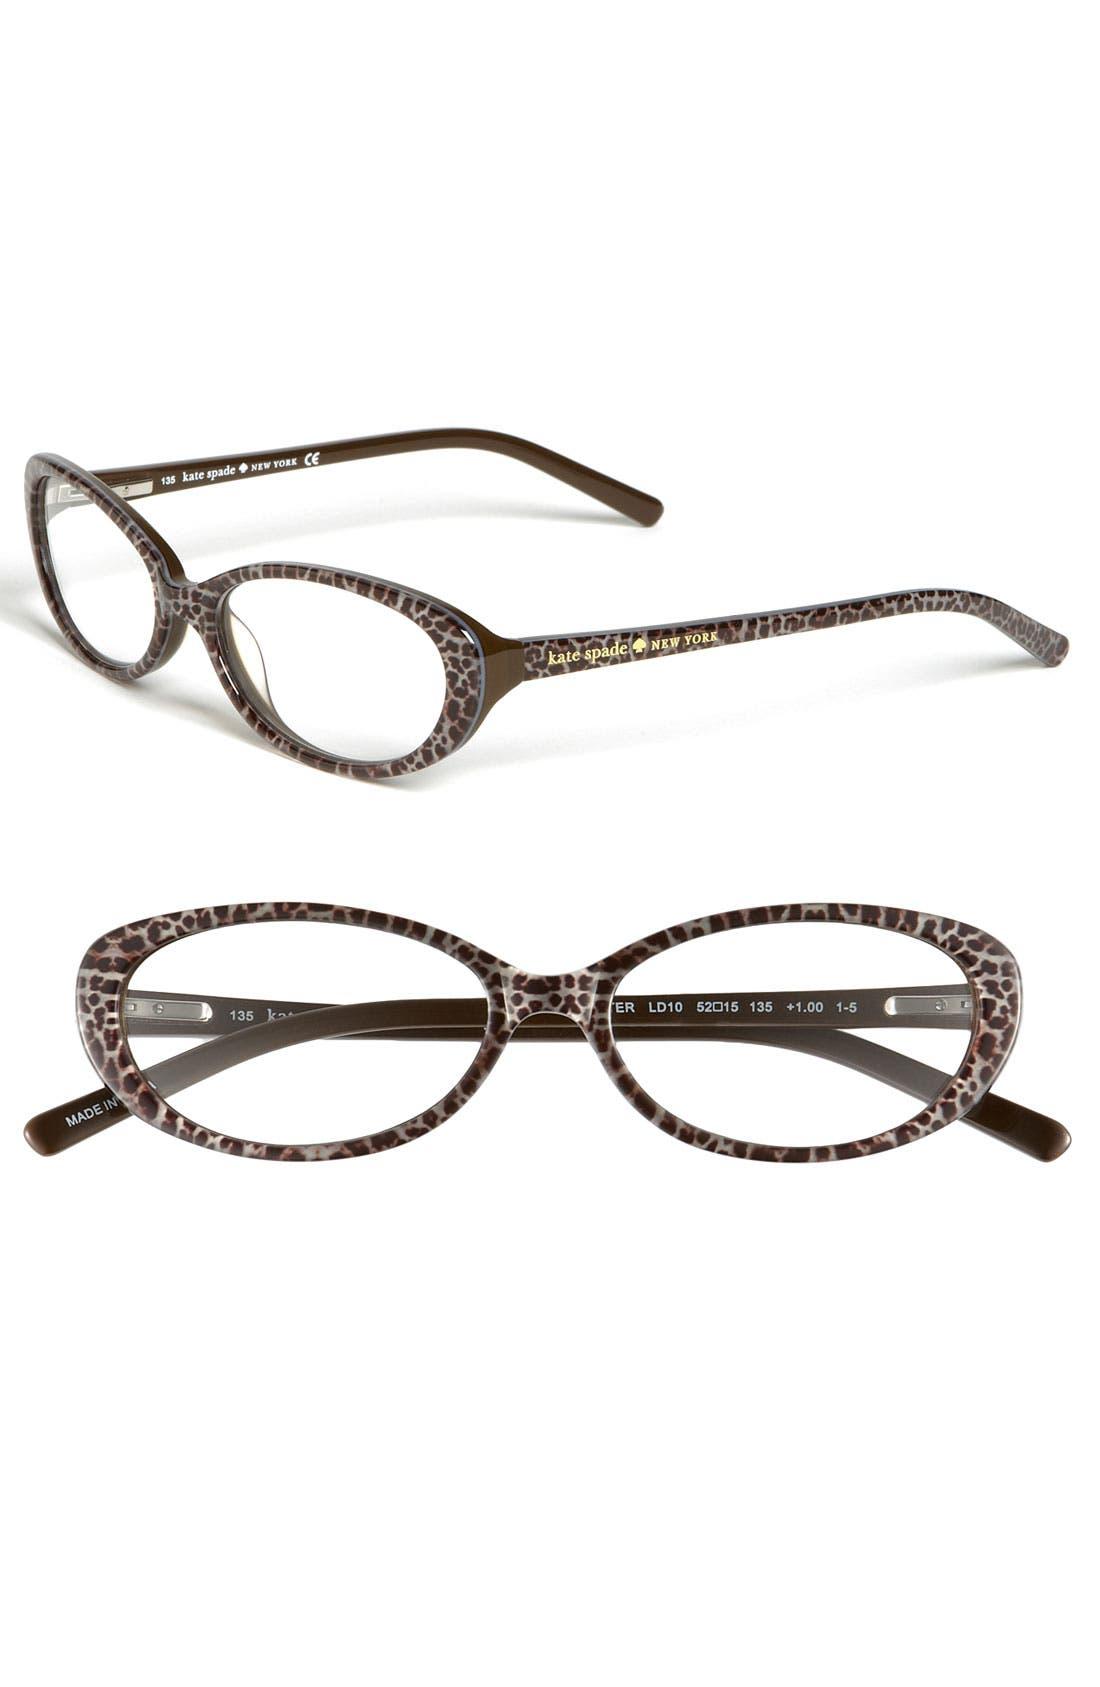 Alternate Image 1 Selected - kate spade new york 'hester' reading glasses (2 for $88)